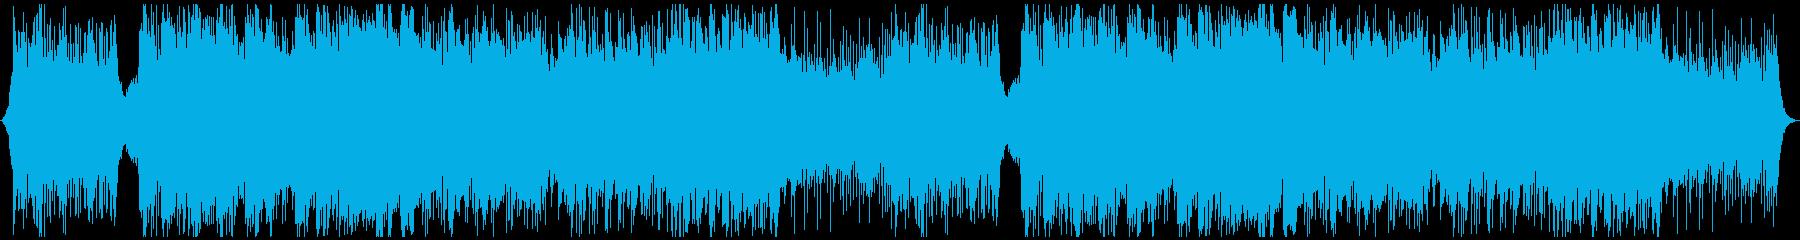 神秘的な民族音楽の再生済みの波形